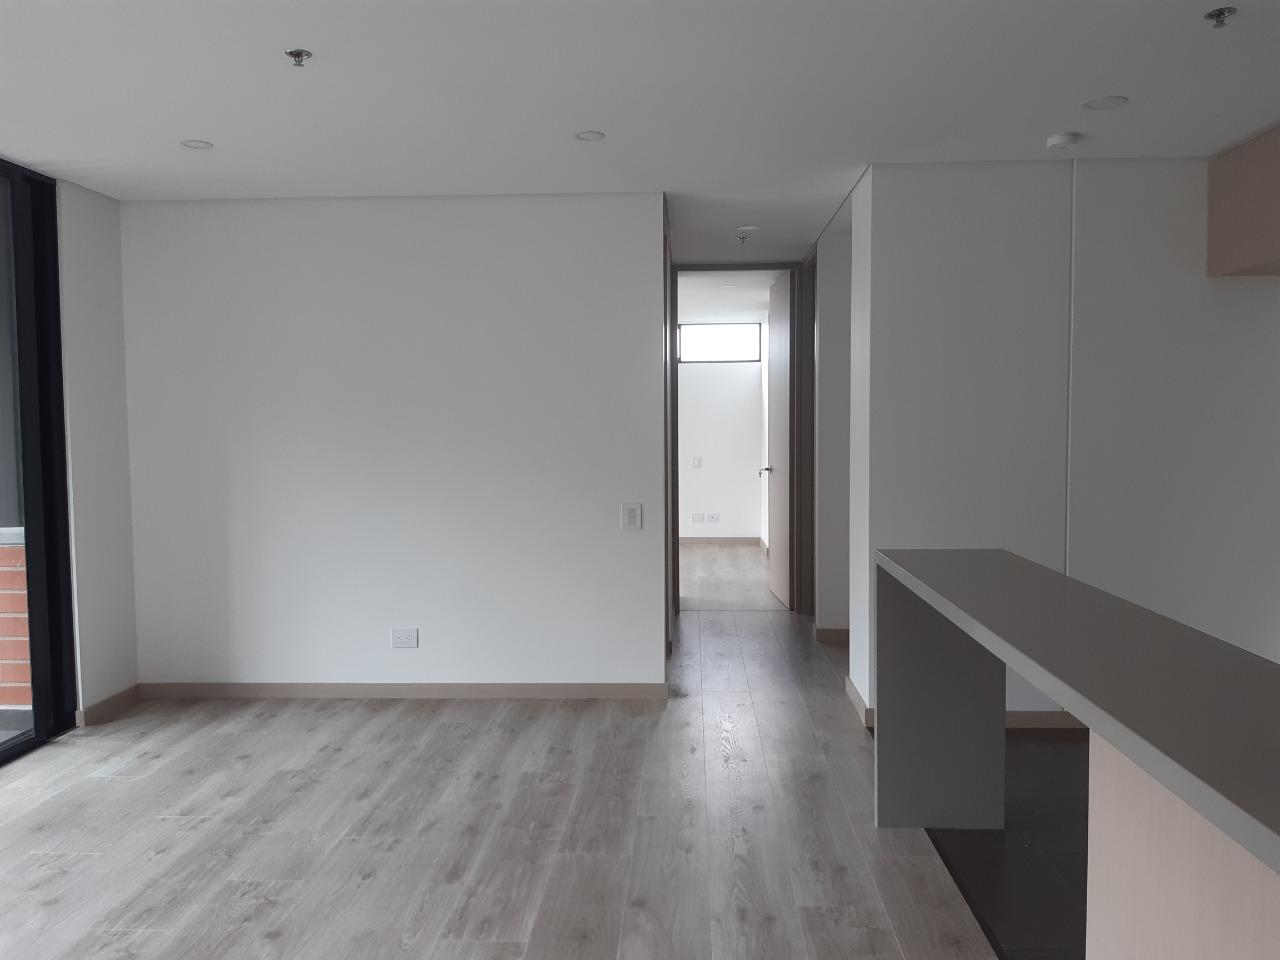 Apartamento en Medellin 141430, foto 22